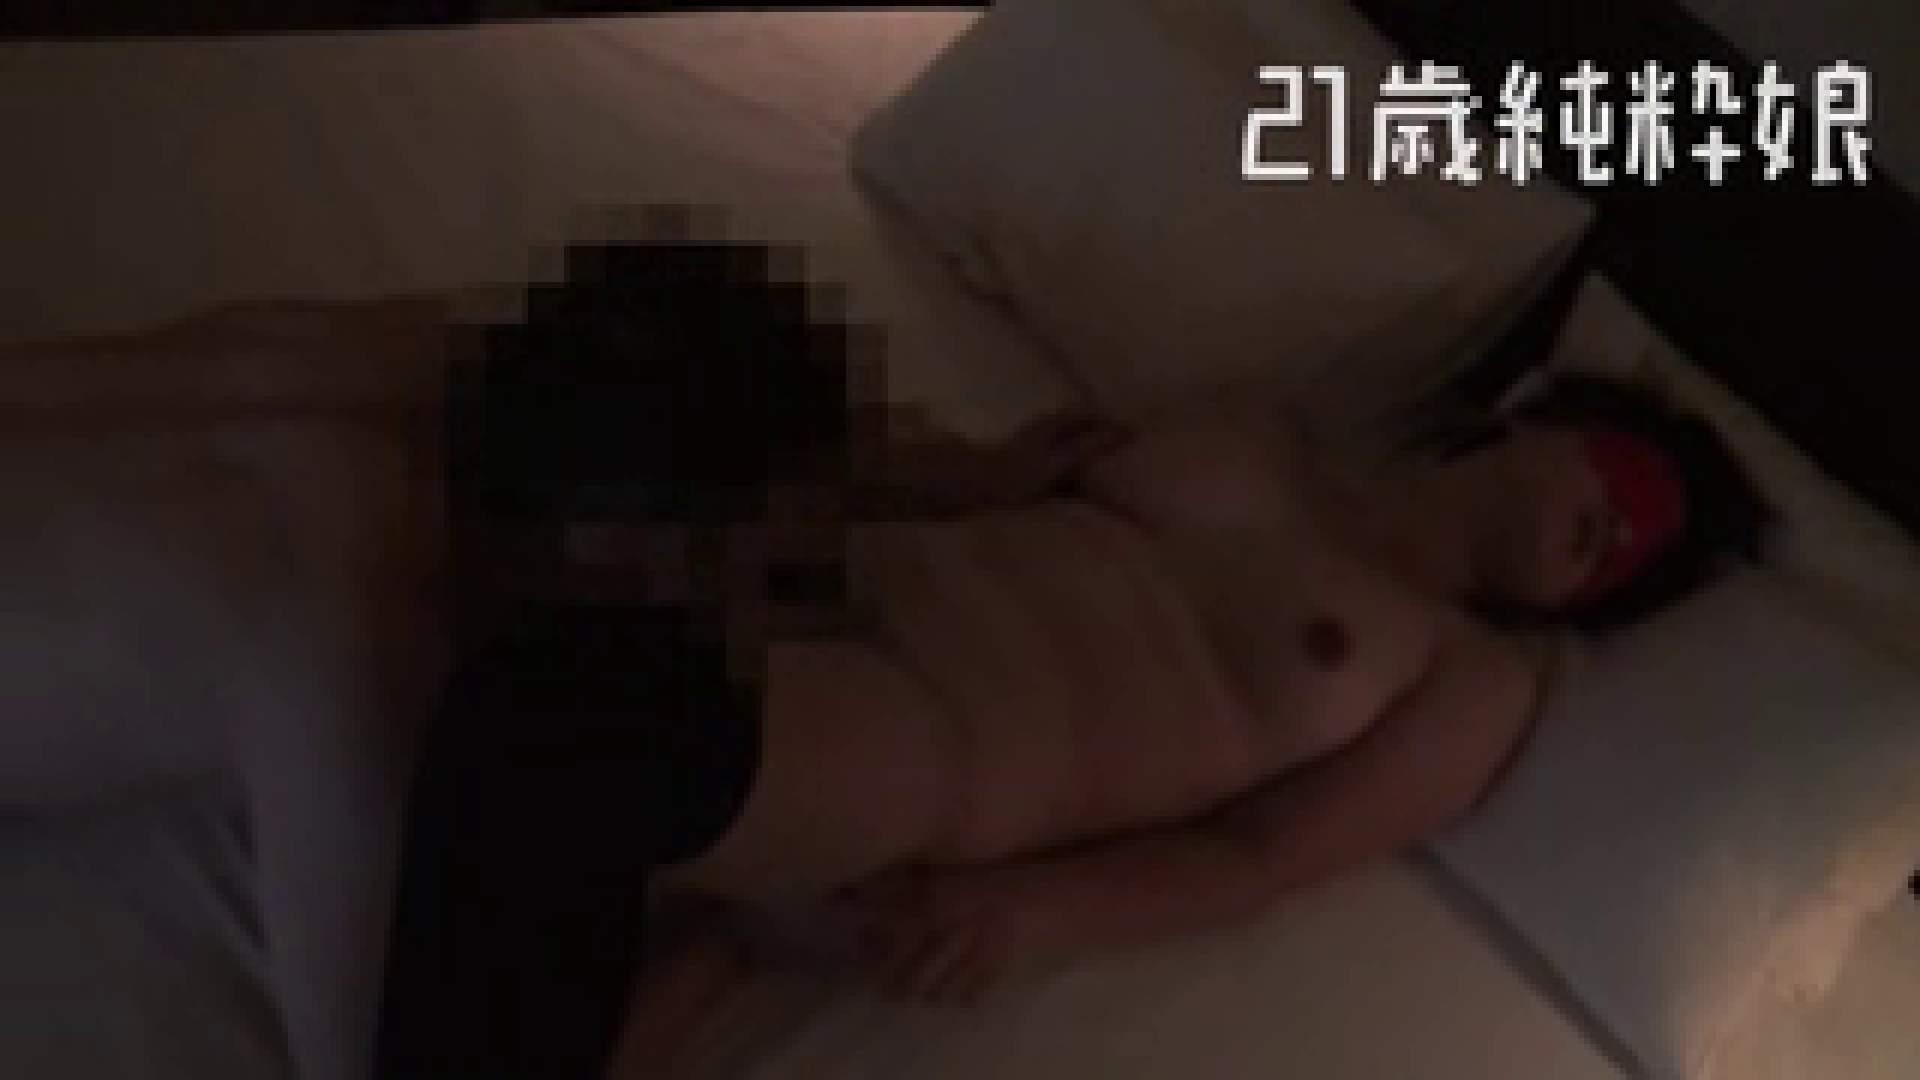 上京したばかりのGカップ21歳純粋嬢を都合の良い女にしてみた4 ホテル | ギャル達のおっぱい  96画像 81